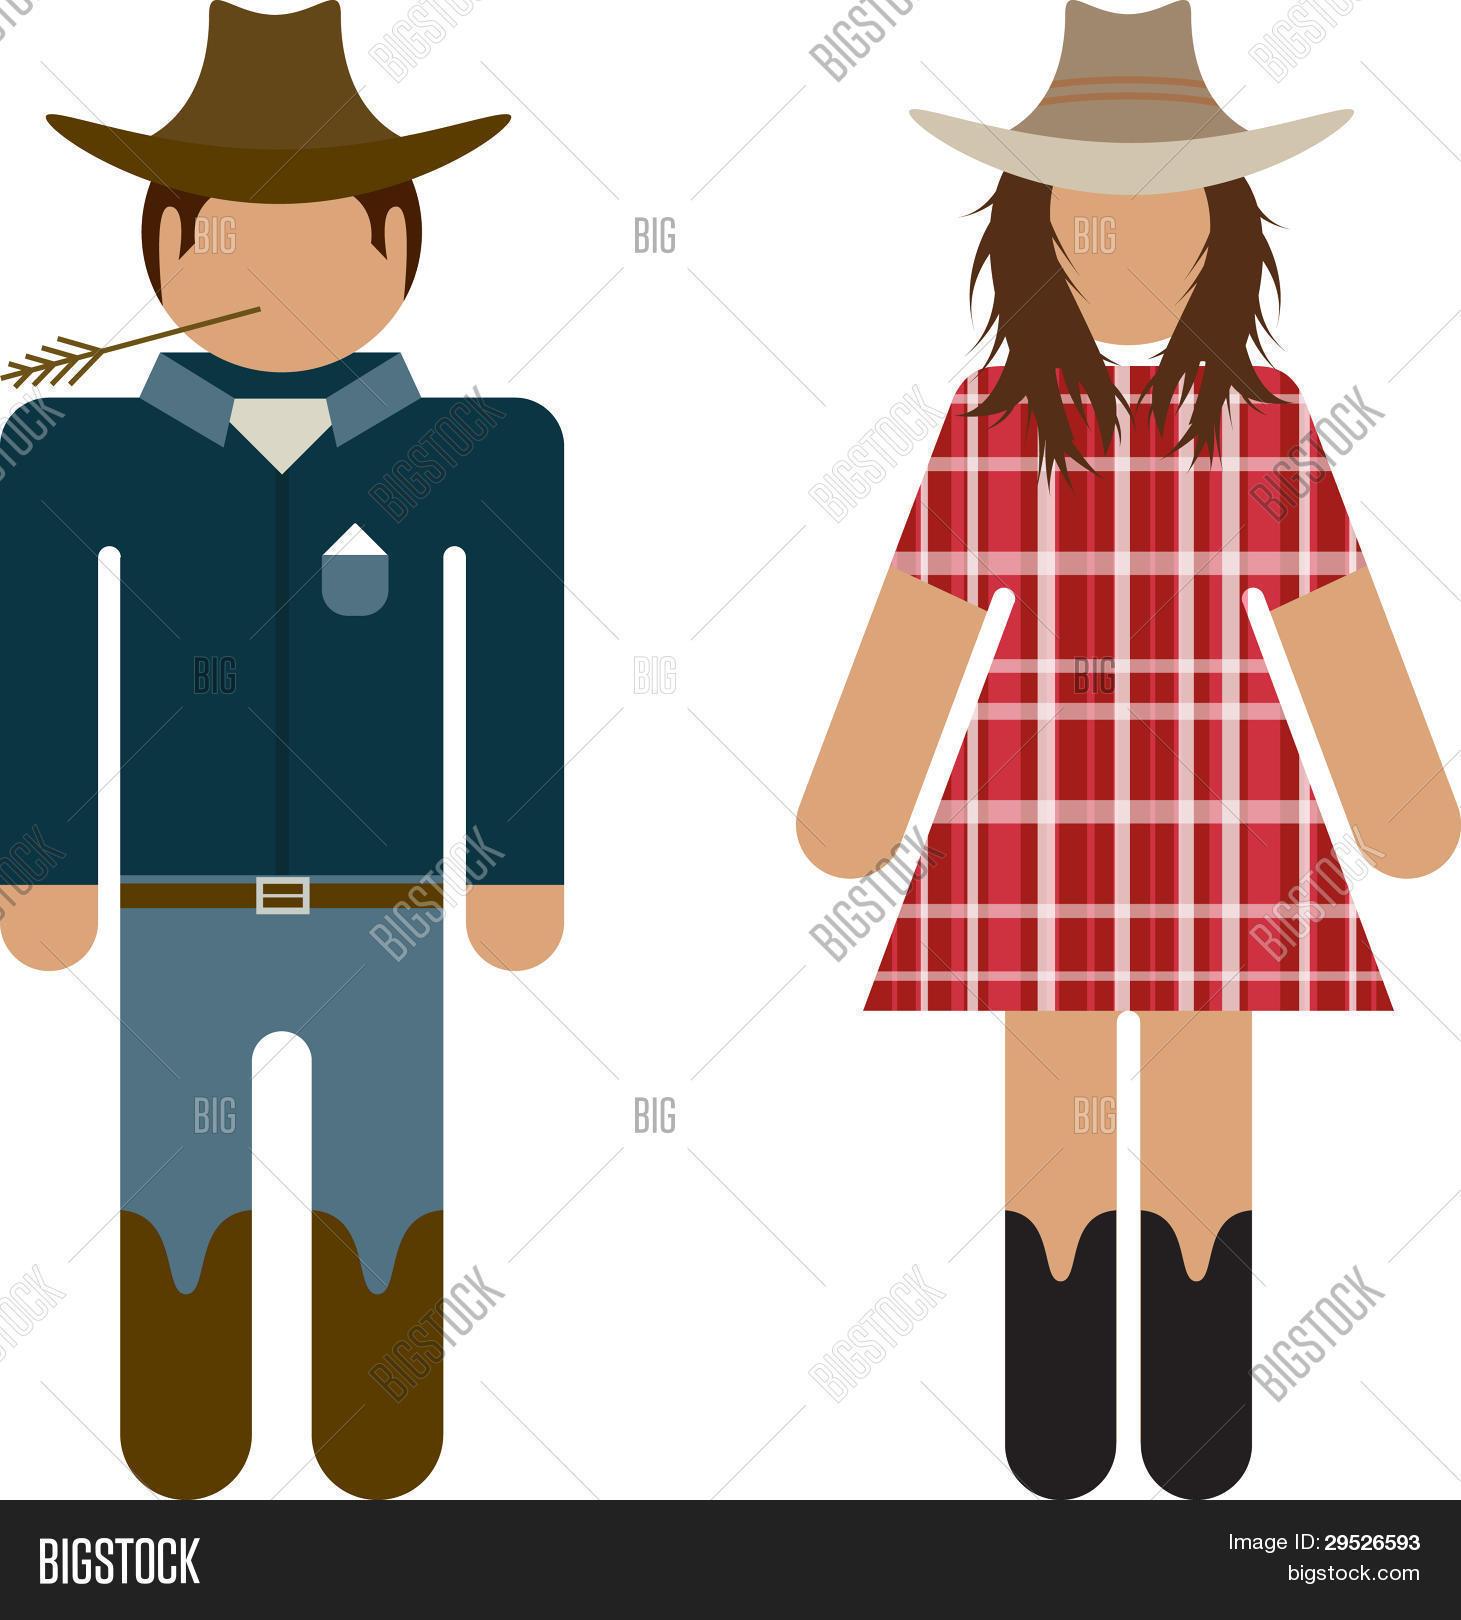 Cowboy e Cowgirl banheiro símbolos Bancos de Vetores & Bancos de Fotograf -> Símbolo Banheiro Feminino